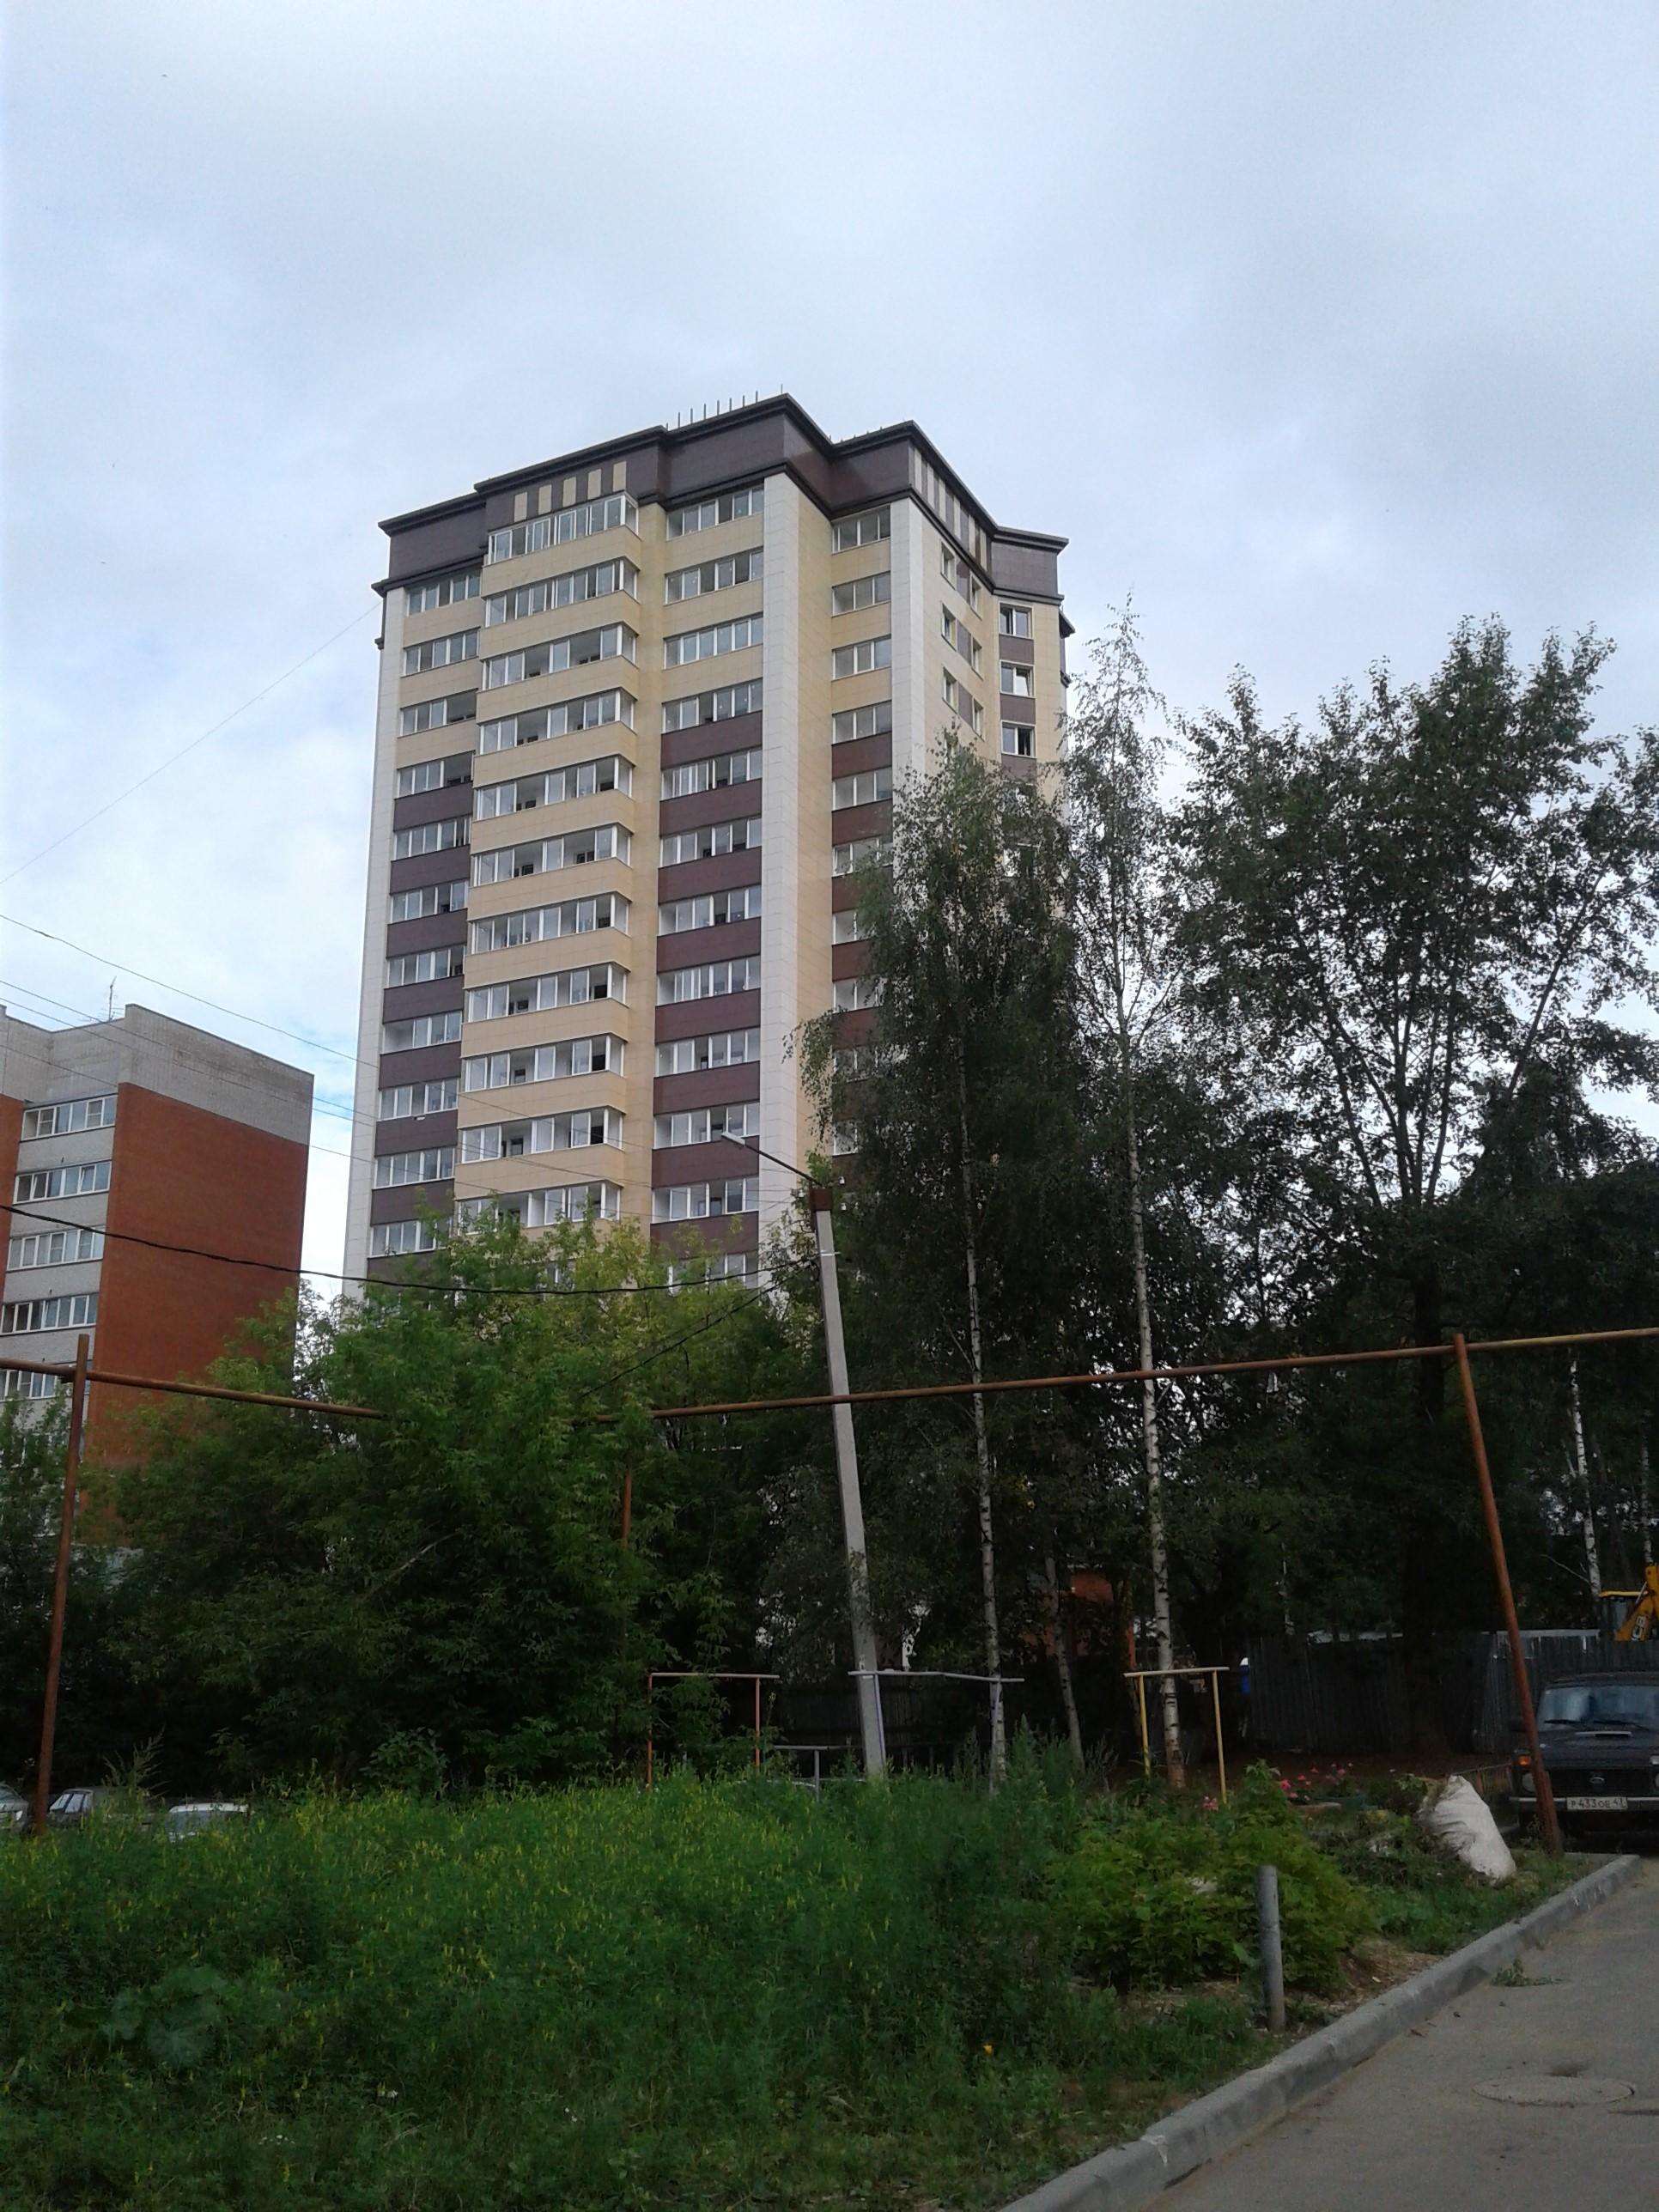 ЖК Богатырь, г. Киров Октябрьский проспект 105А